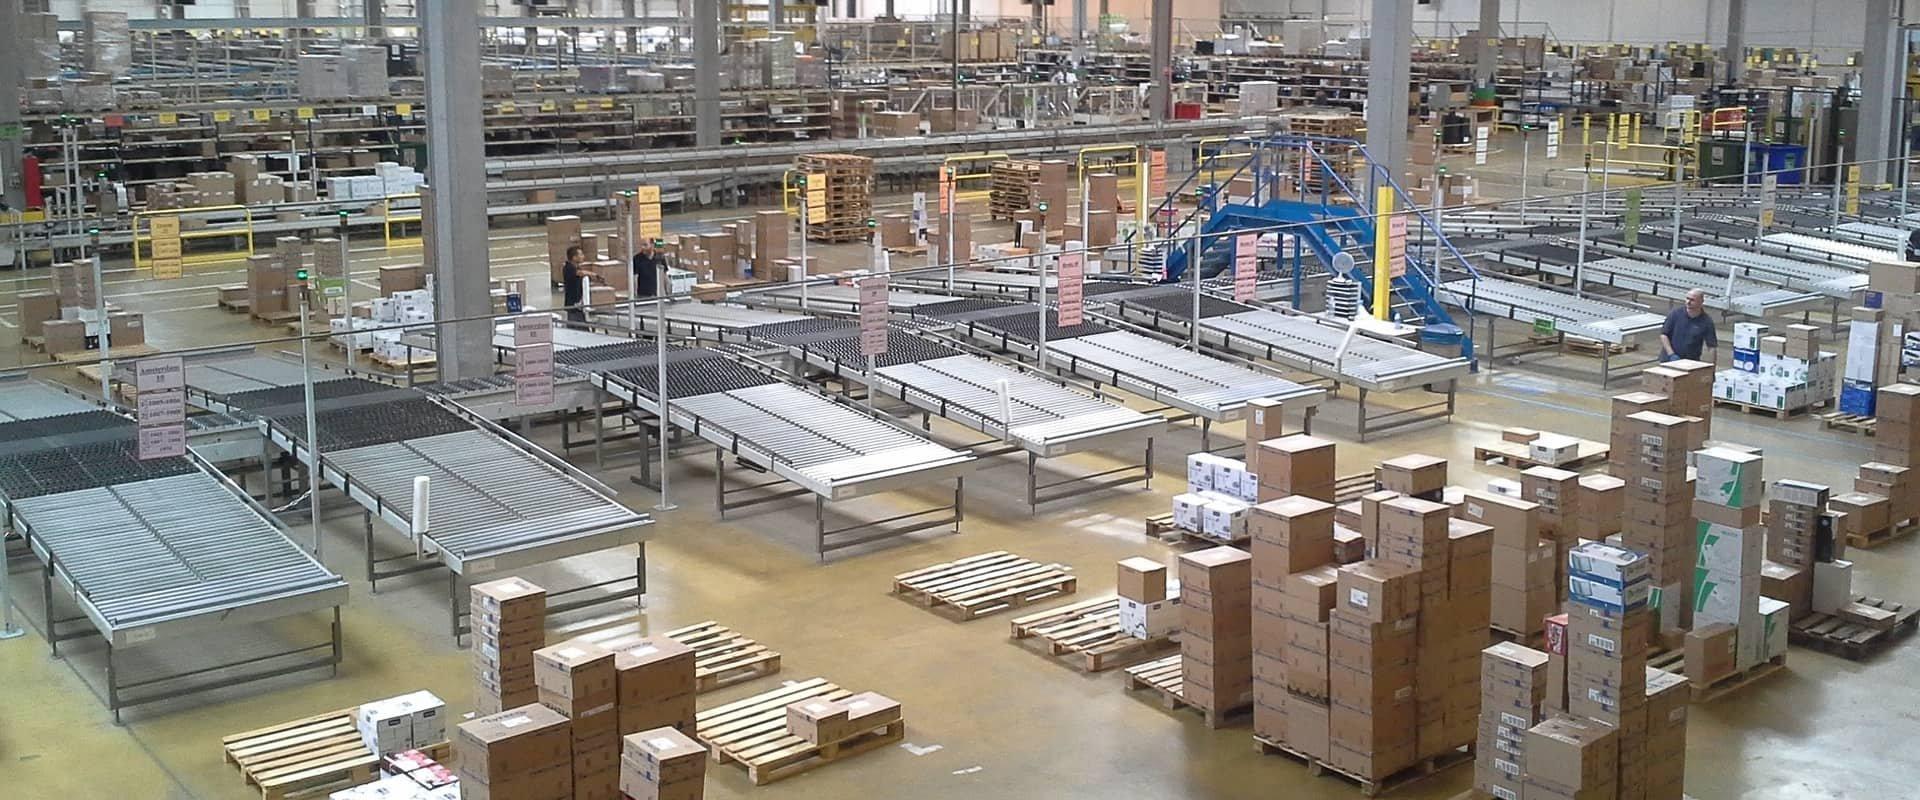 Technischer Großhandel Software